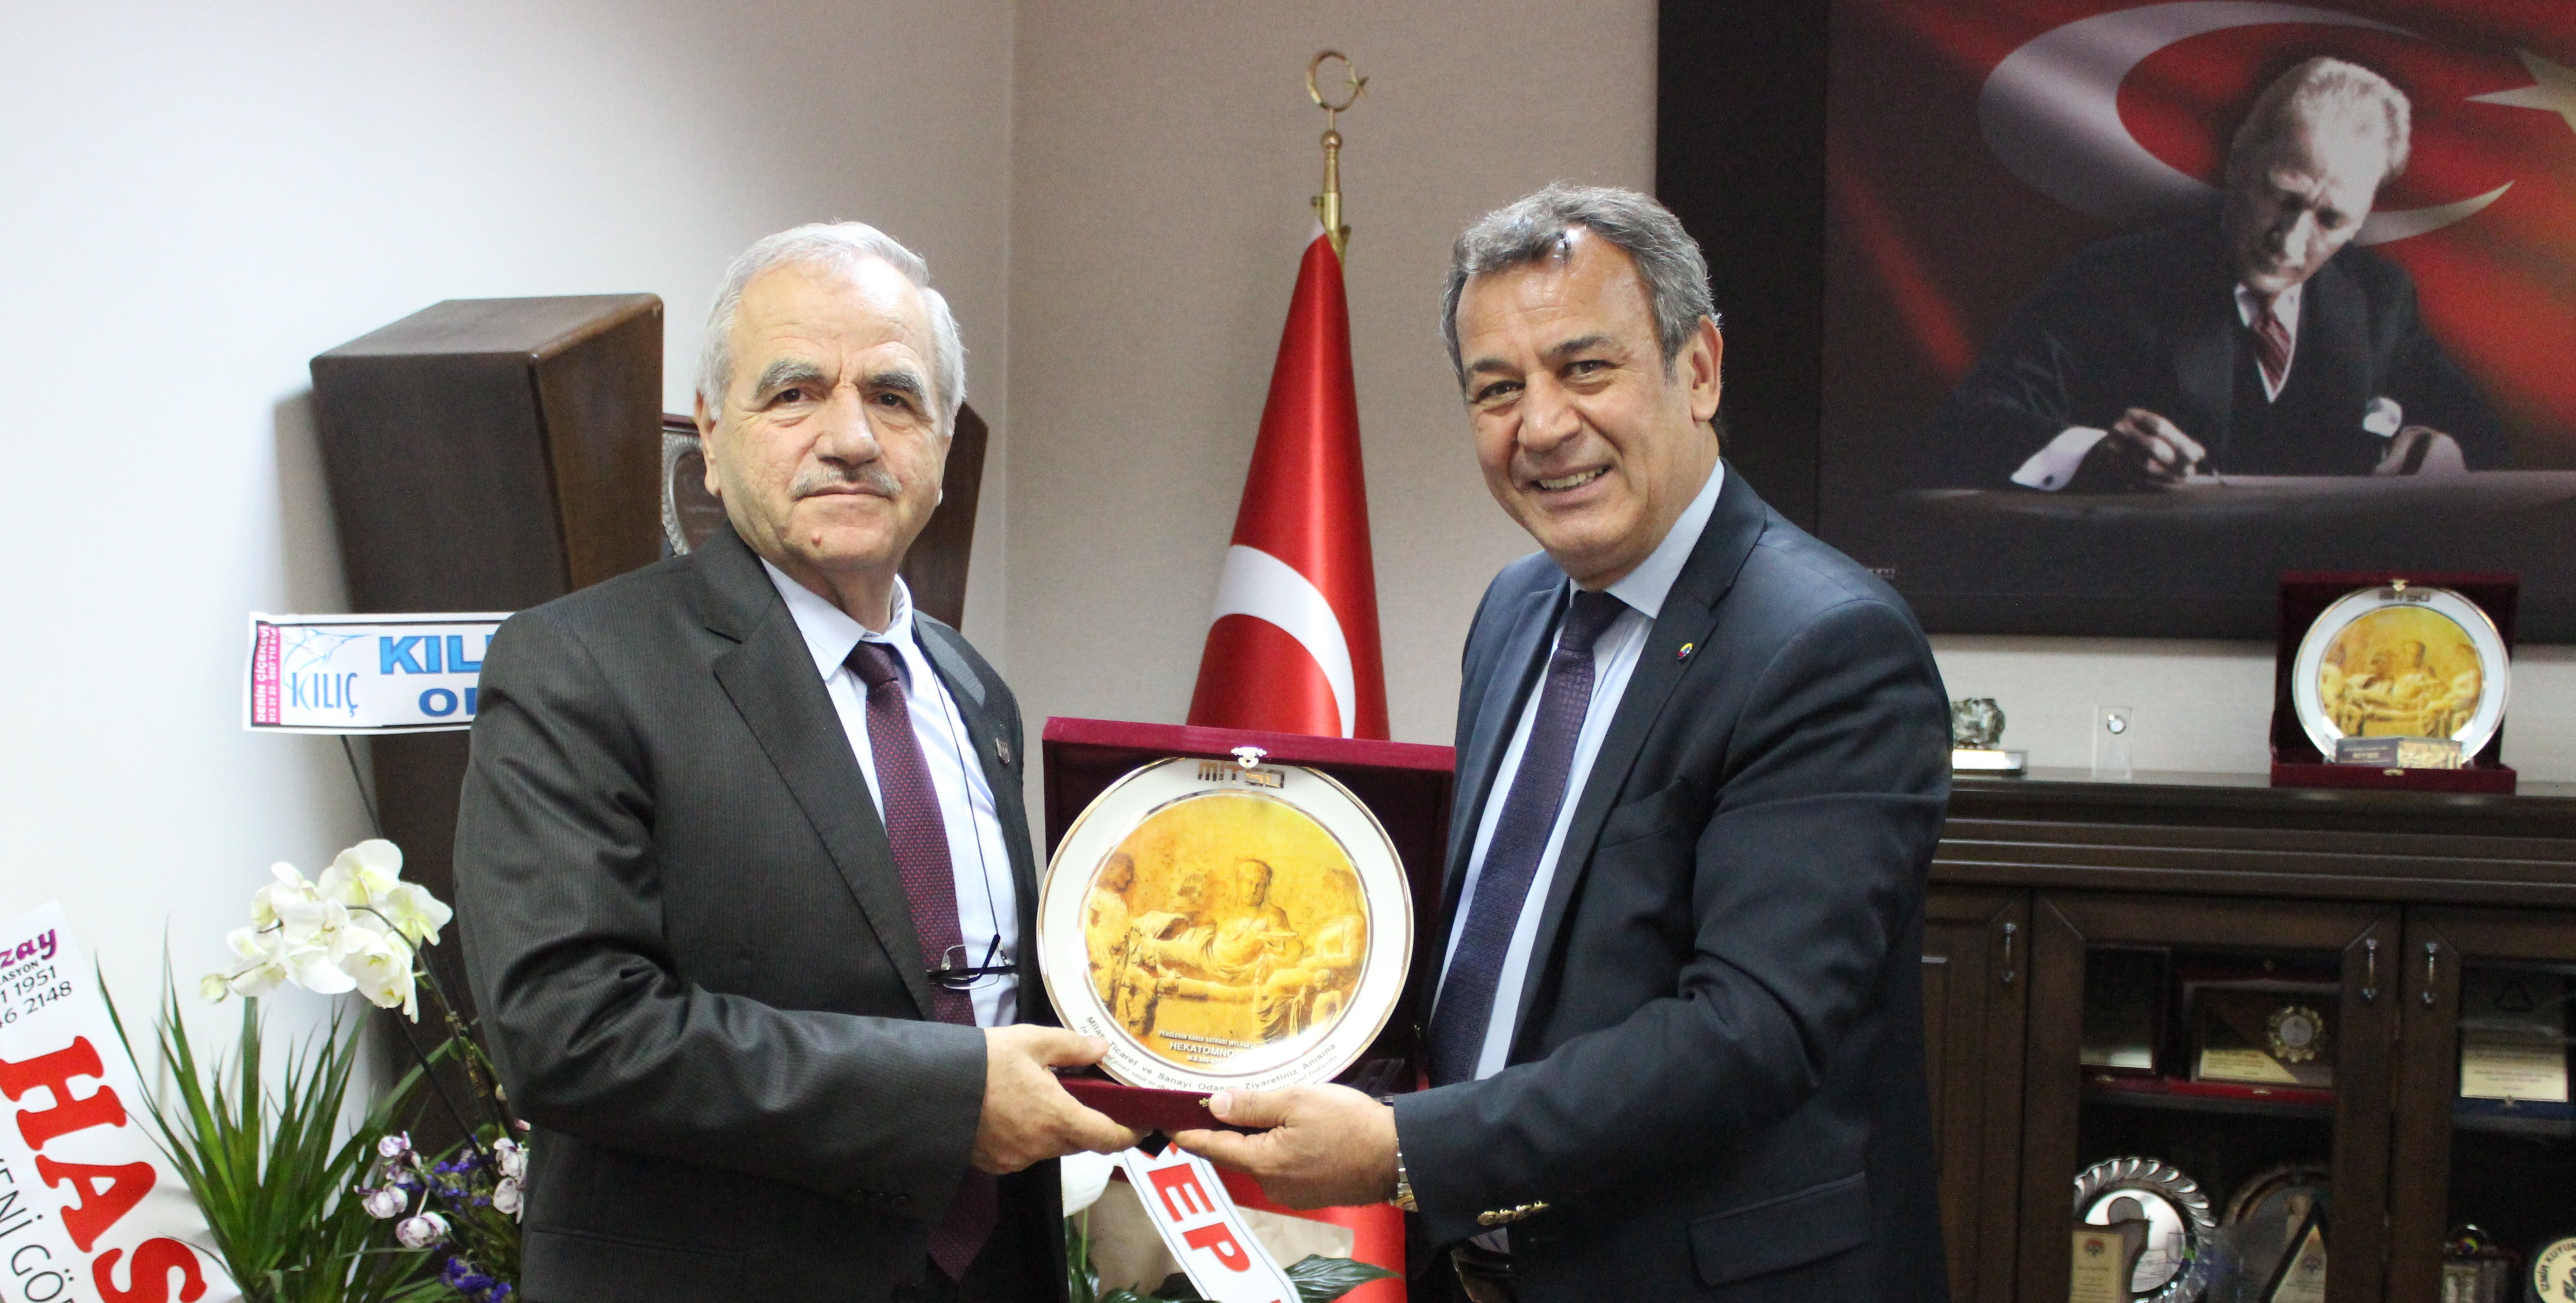 Muğla Sıtkı Koçman Üniversitesi Rektörü Prof. Dr. Harmandar MİTSO'da…